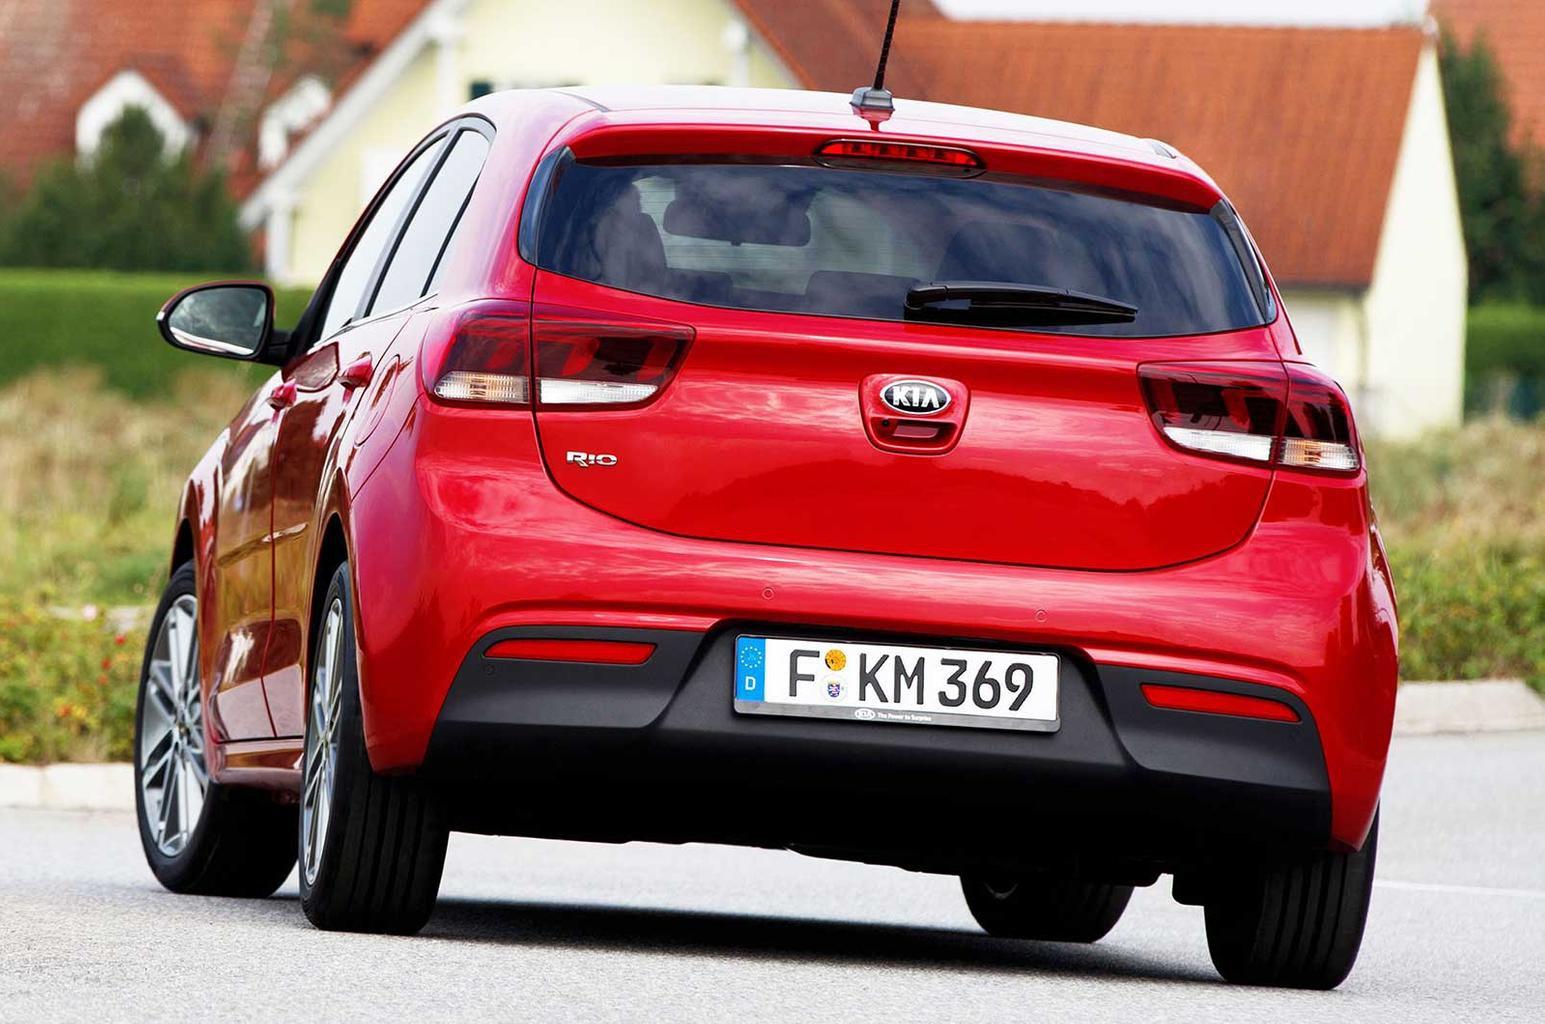 New Kia Rio prices and specs revealed